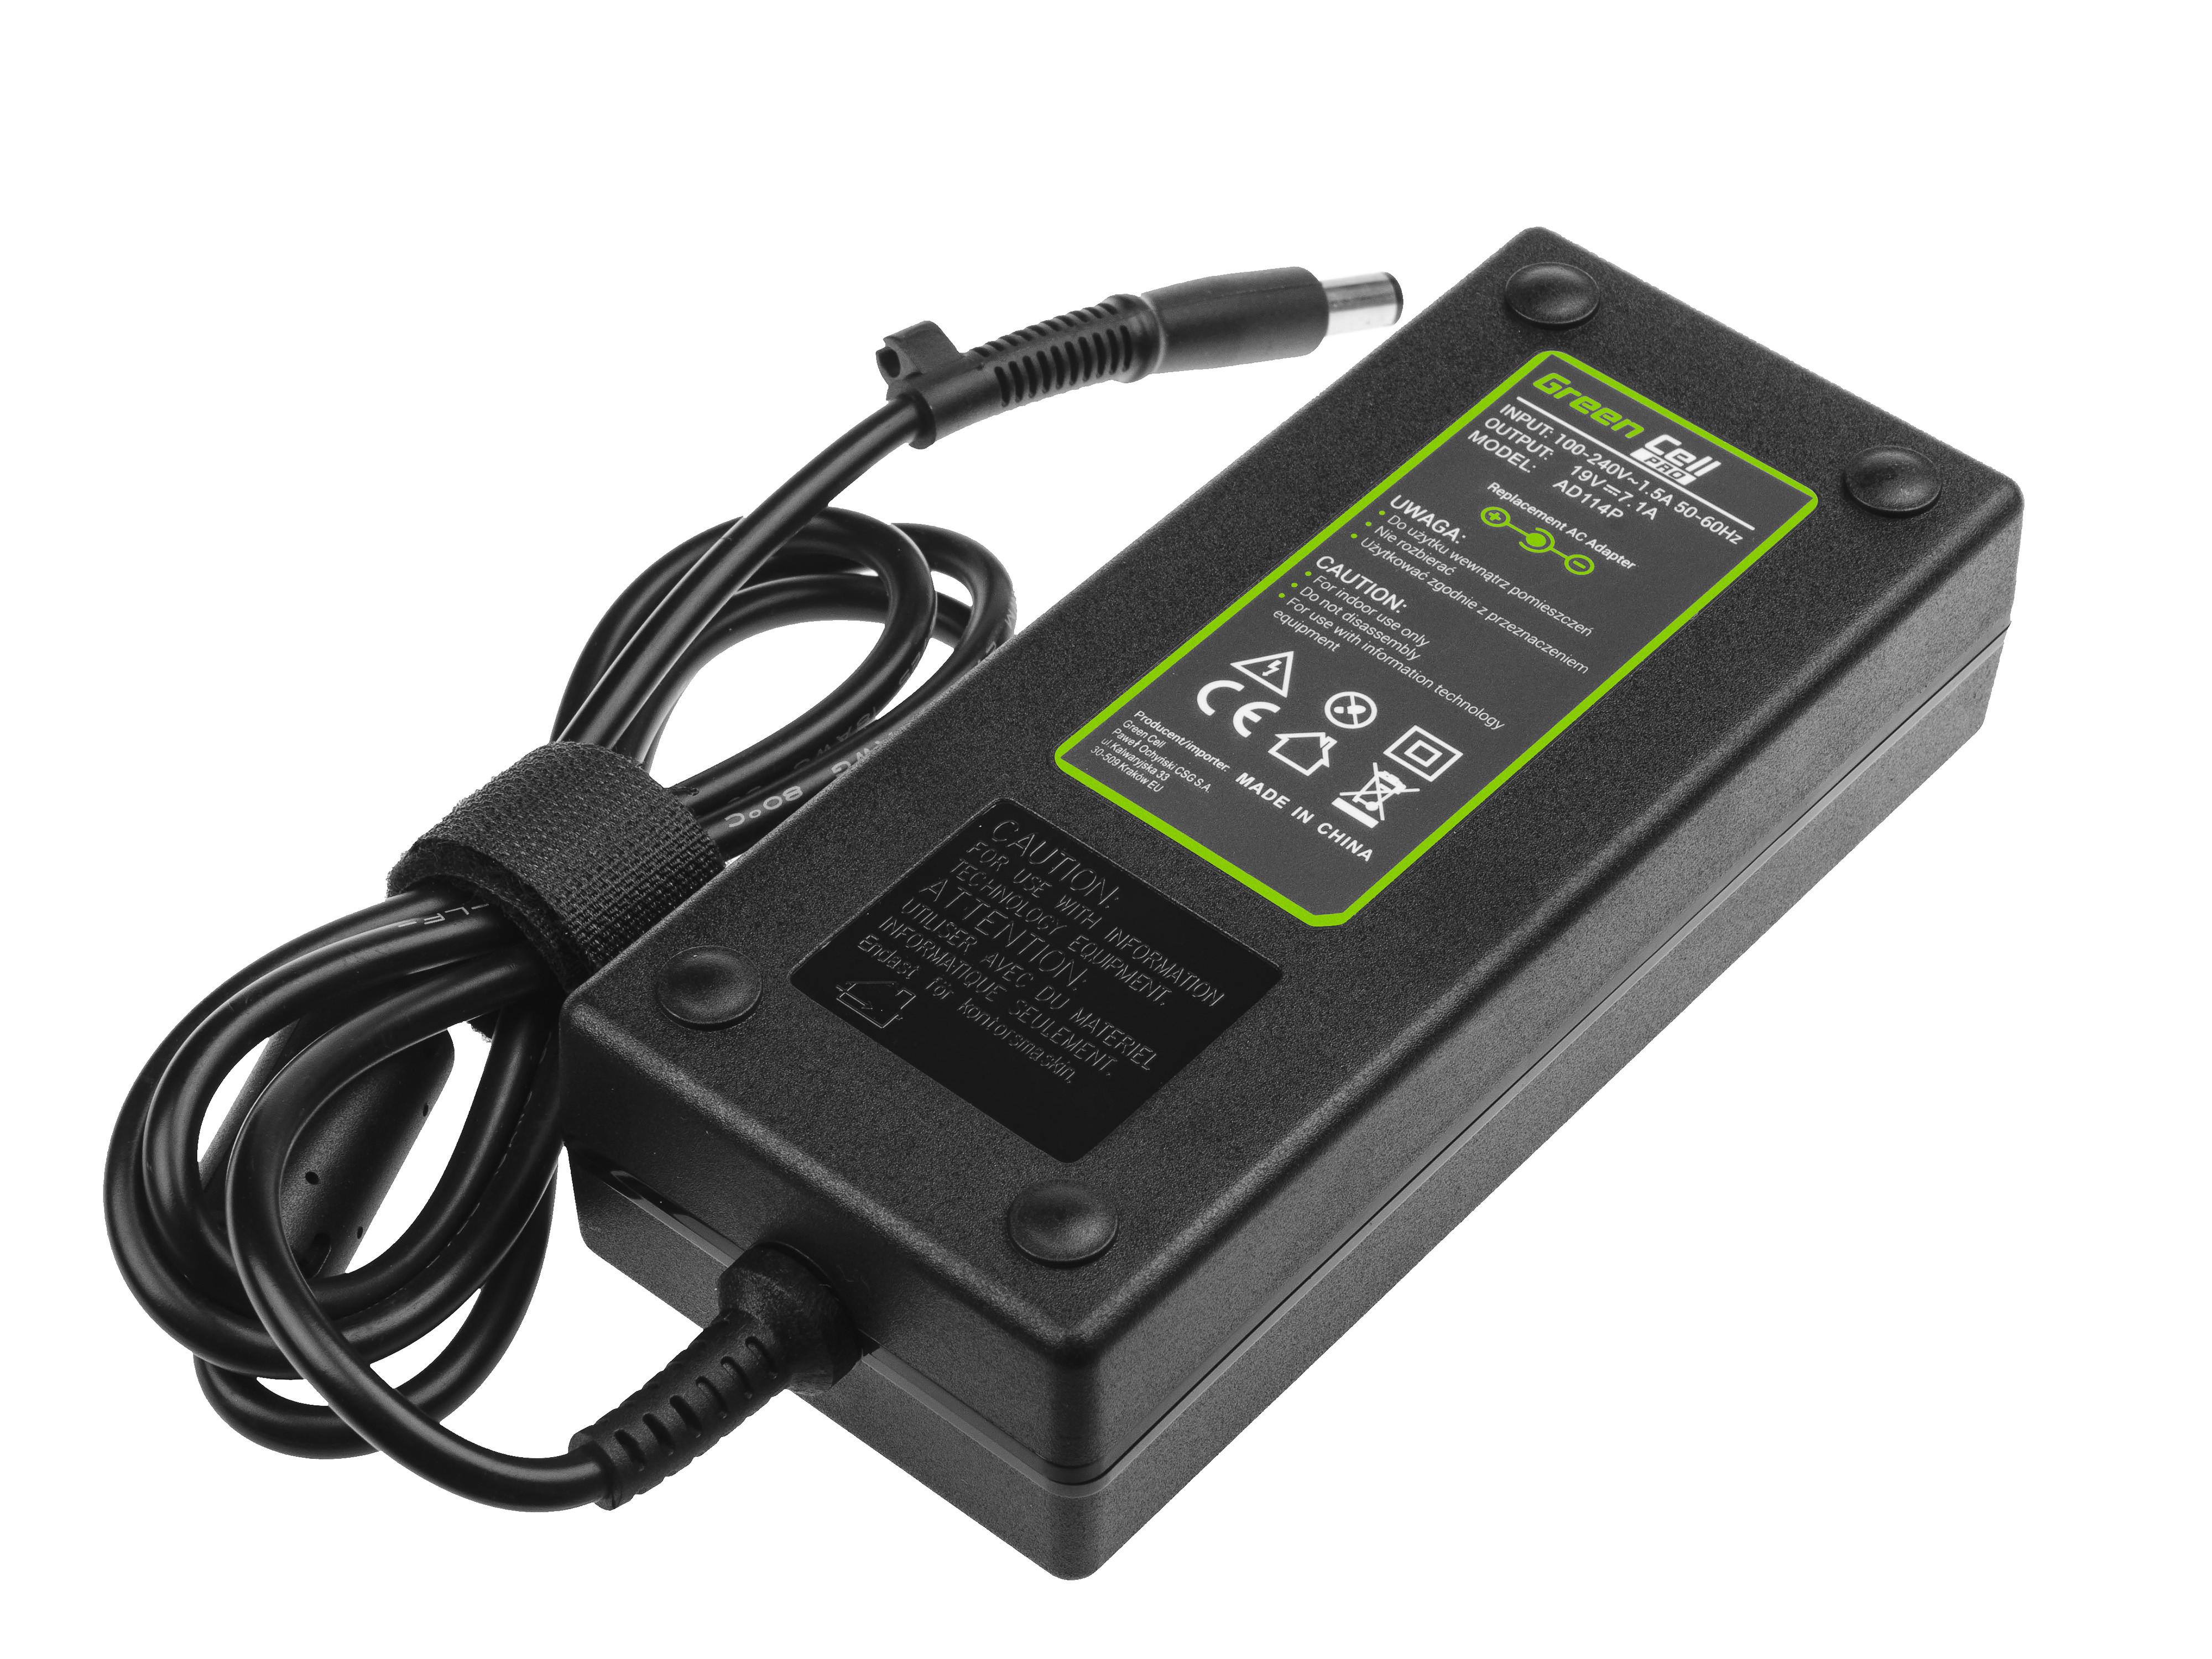 Green Cell AD114P Adaptér Nabíječka HP Compaq 6710b 6715b 6715s 6910p 8510p nc6400 nx6110 nx7300 nx7400 19V 7.1A 135W